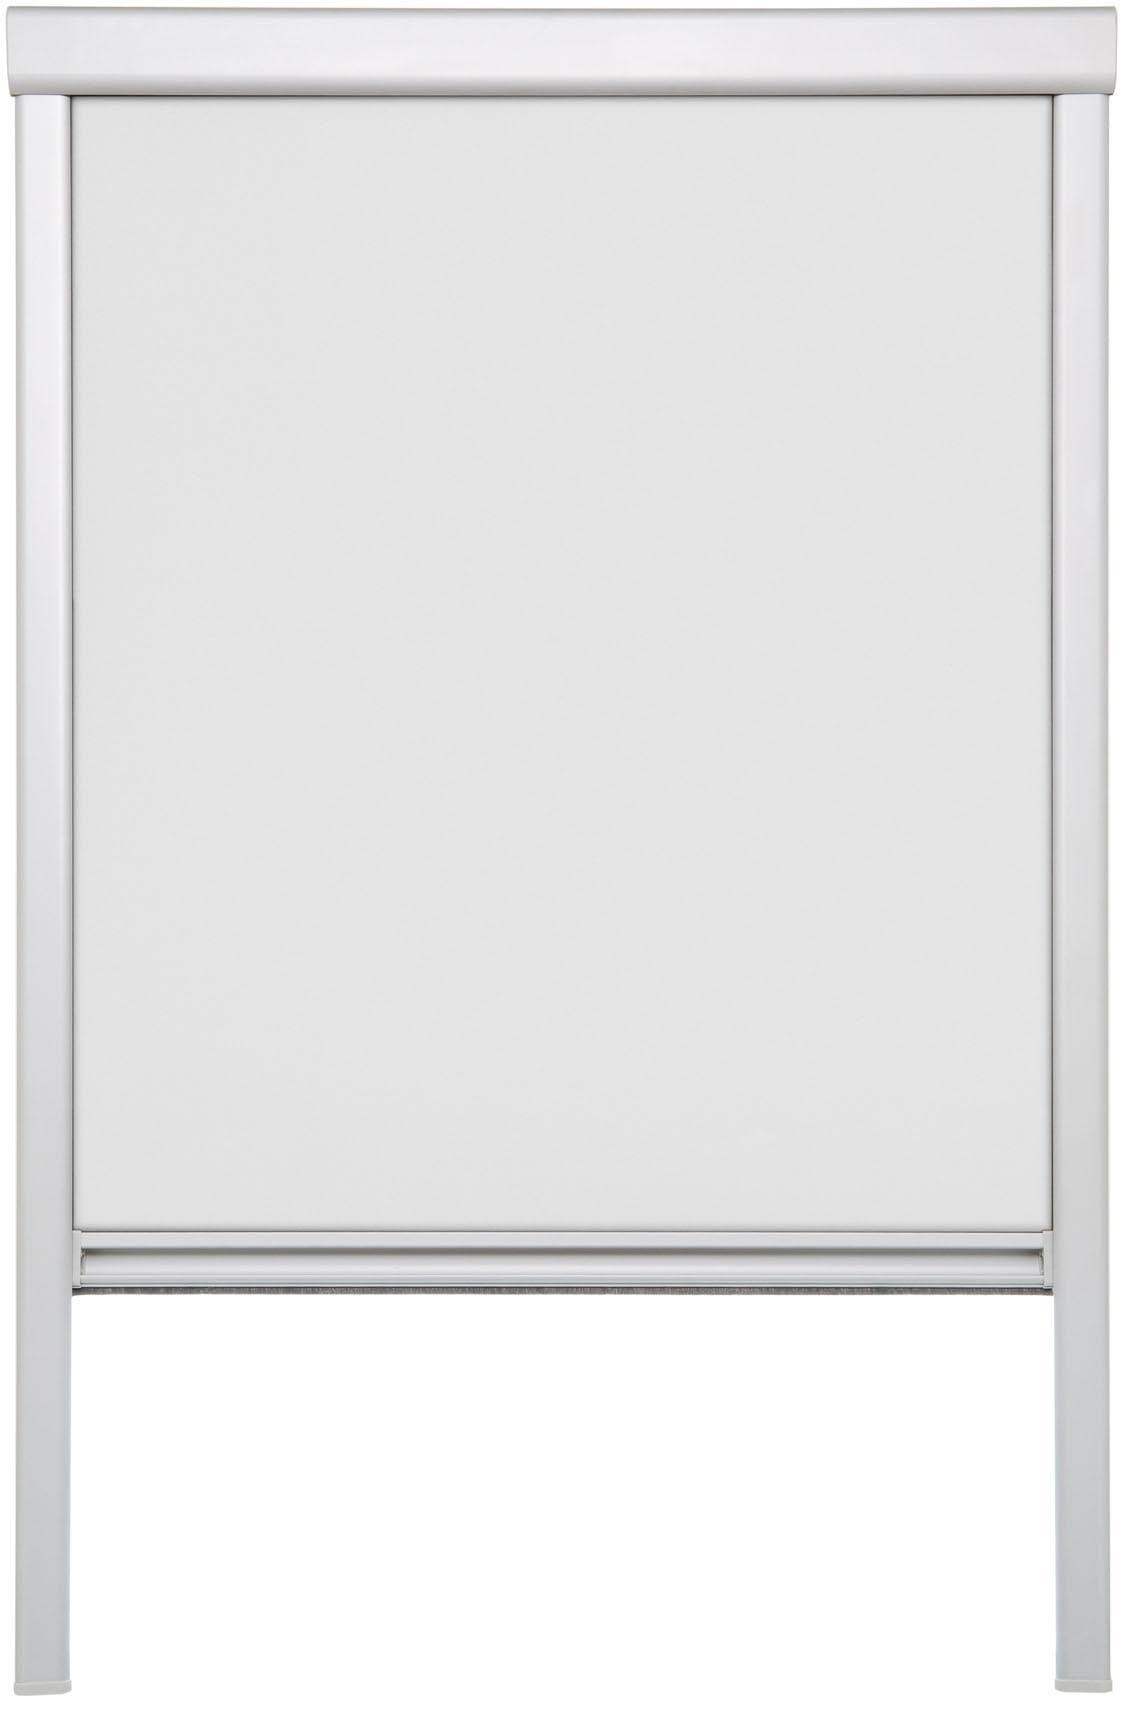 Dachfensterrollo Skylight LICHTBLICK verdunkelnd in Führungsschienen Wohnen/Wohntextilien/Rollos & Jalousien/Rollos/Dachfensterrollos